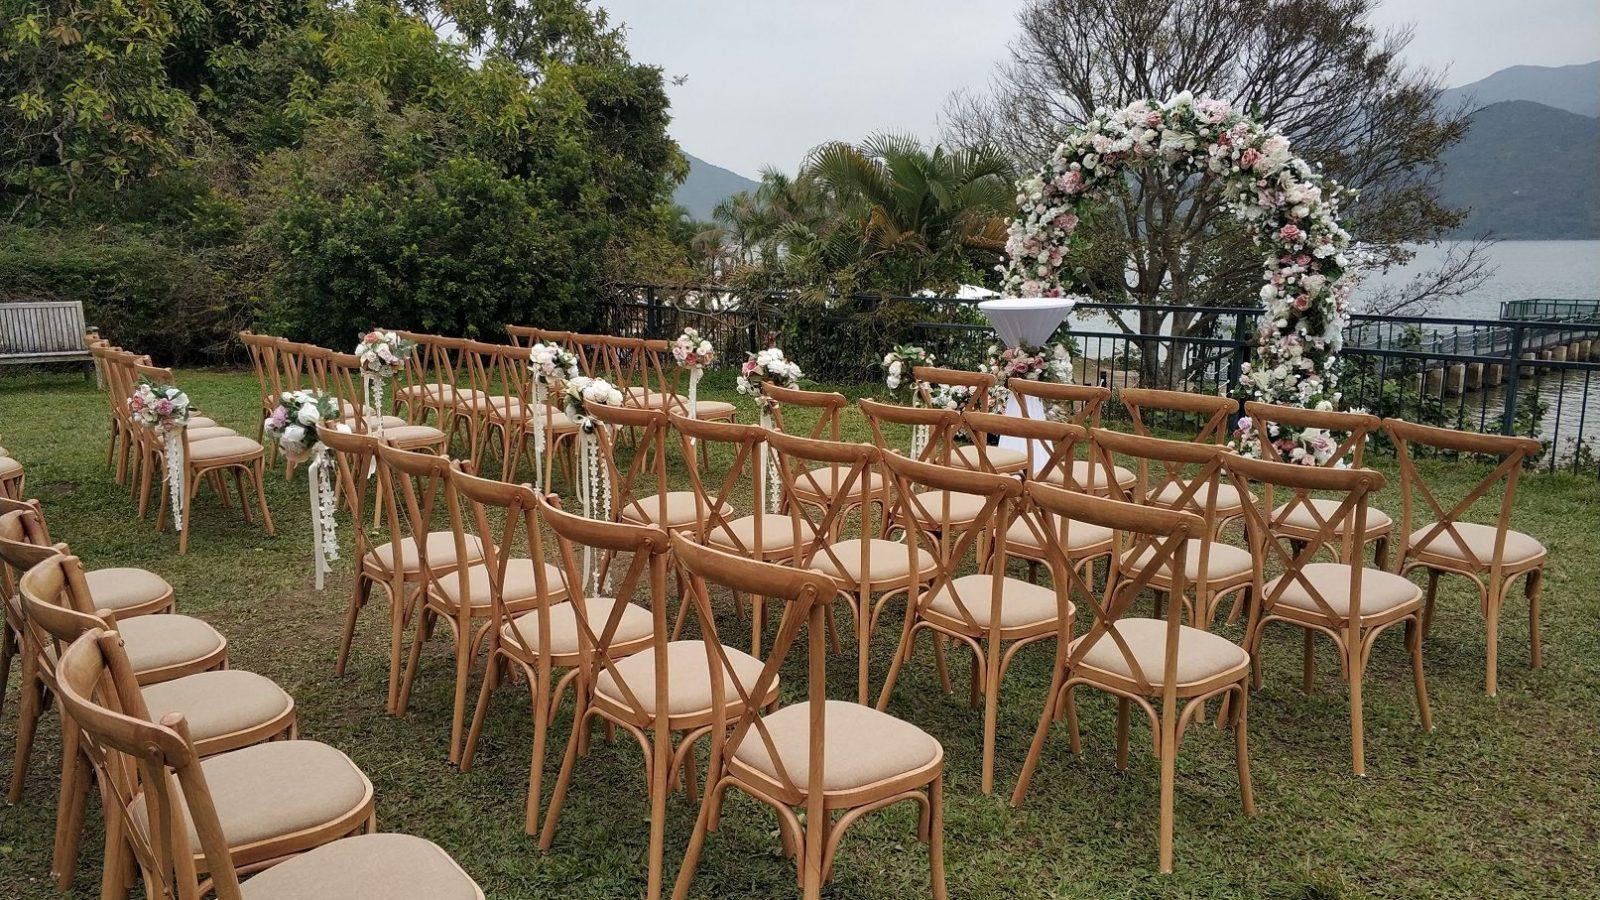 西貢131, 租用木椅, 戶外證婚椅, wood chairs